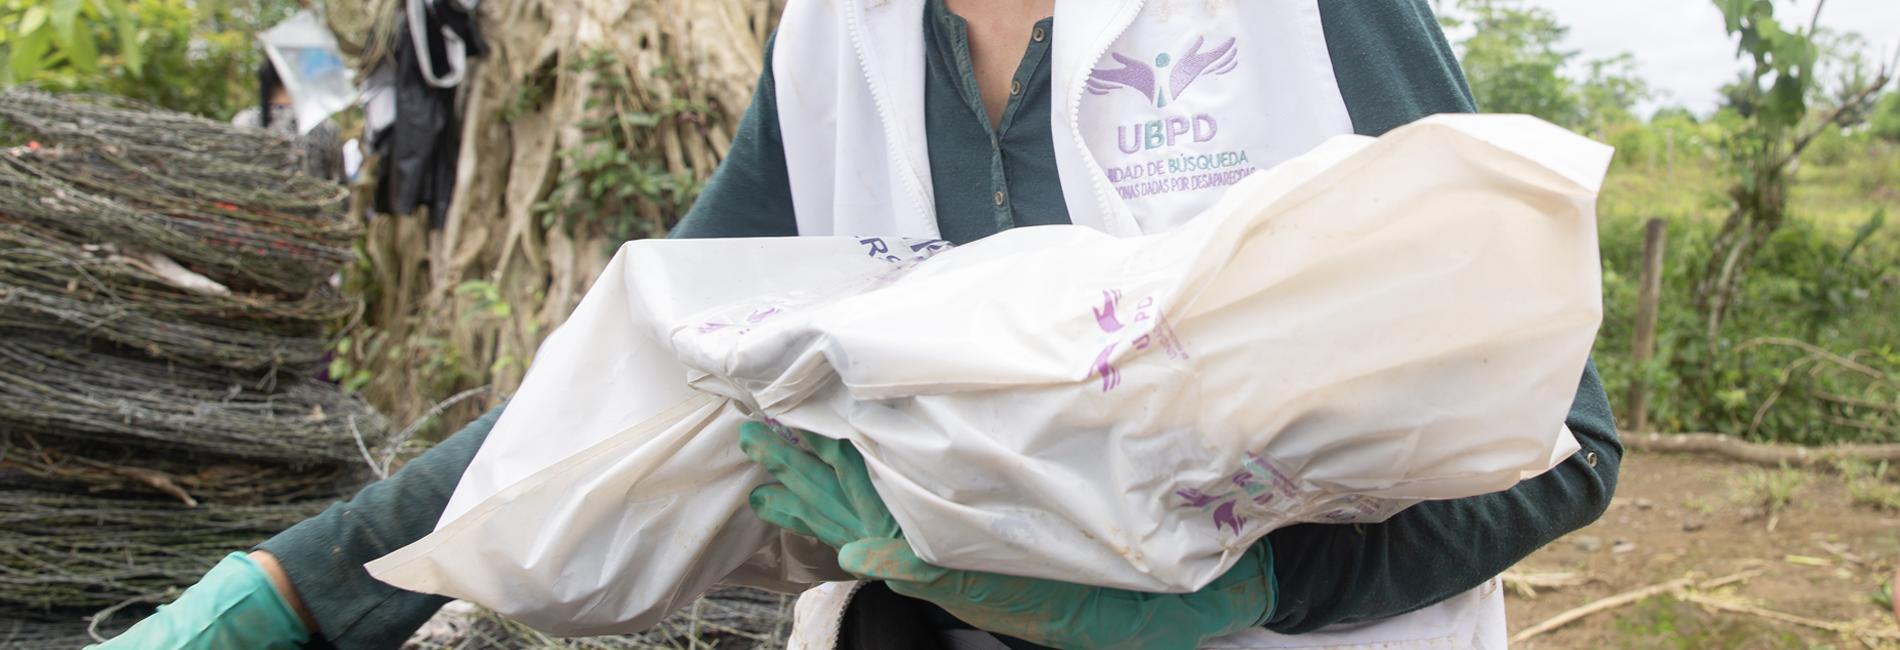 UBPD recupera 3 cuerpos en Chocó